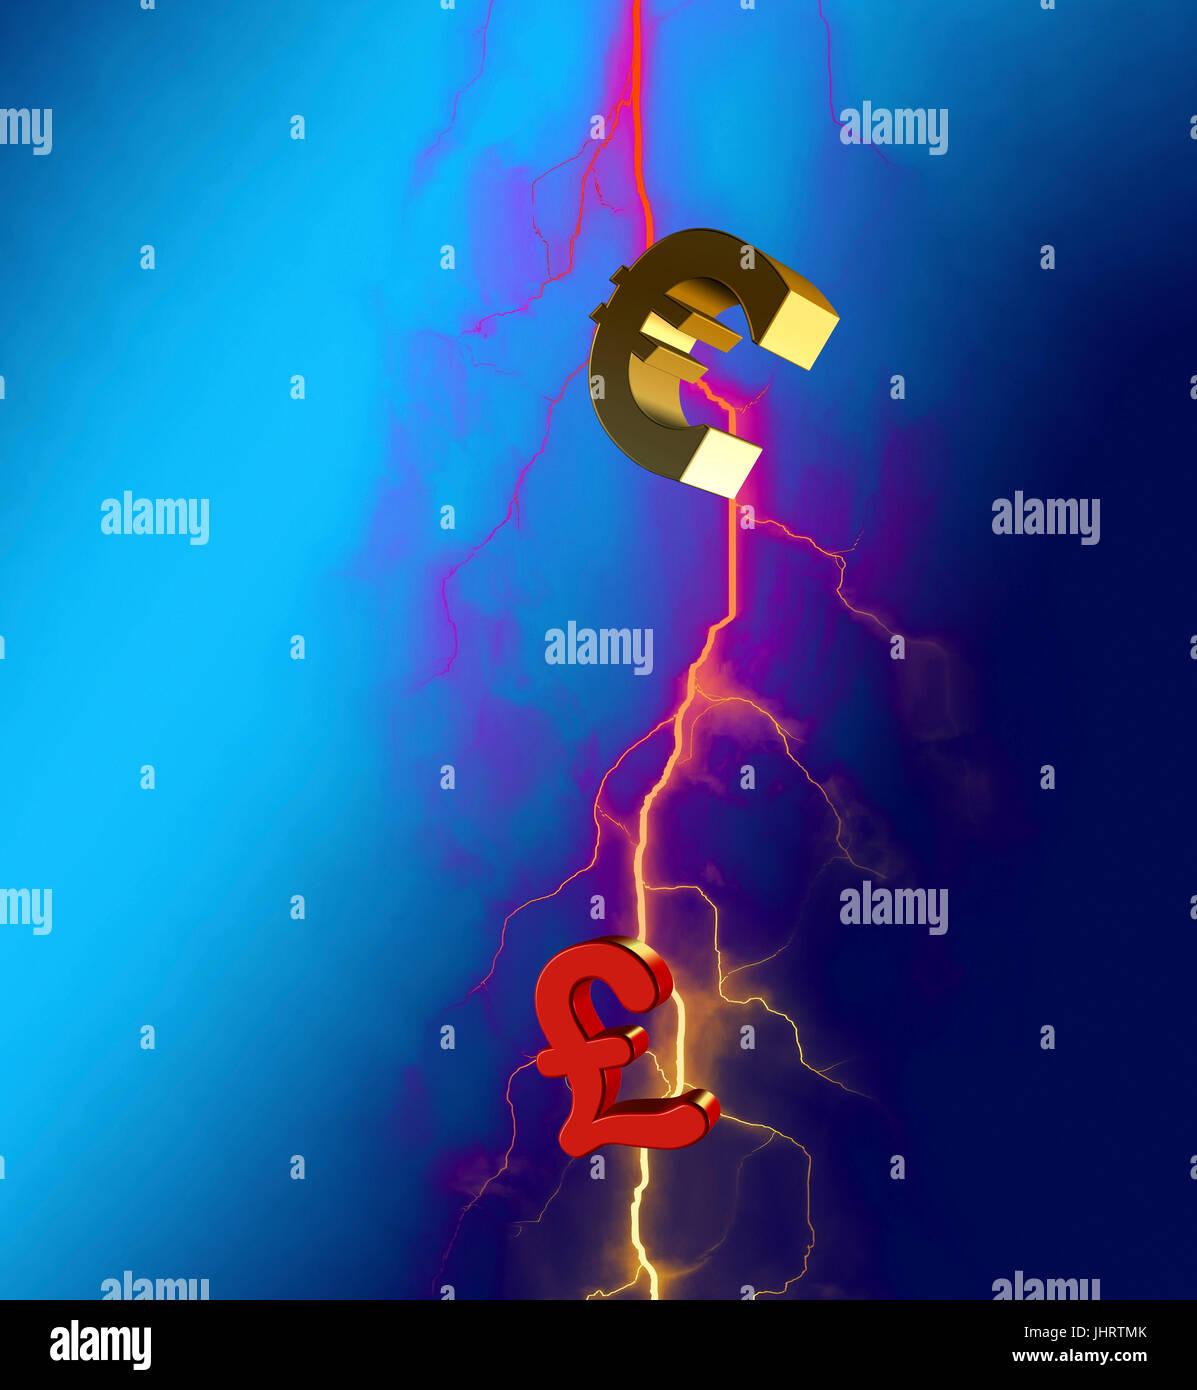 Euro Hits British Pound Sign With Lightning Bolt Symbolic Image Of